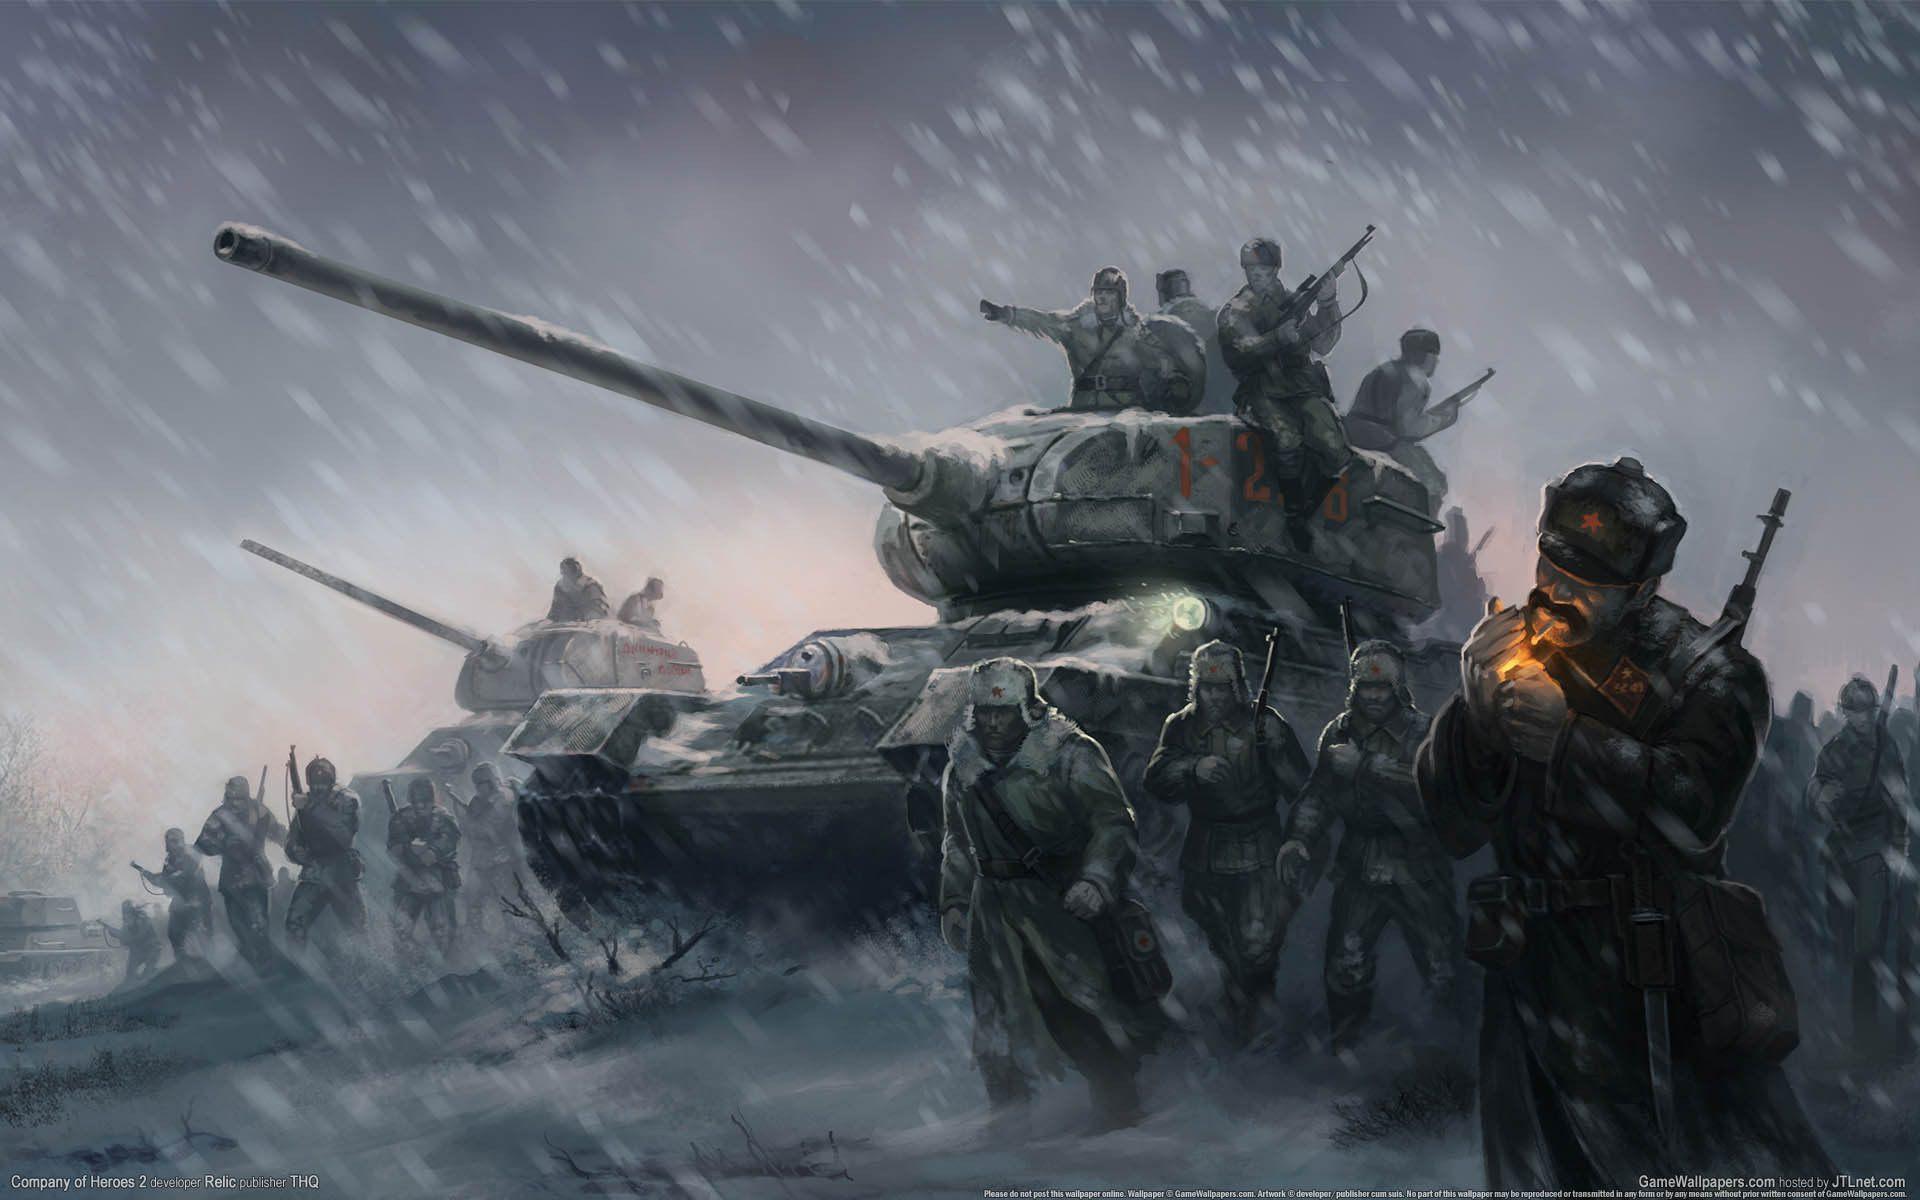 vtoraya_mirovaya_voyna_velikaya_otechestvennaya_voyna_geroi_tanki_soldaty_zima_metel_pole_boya_1920x1200.jpg - World of Tanks